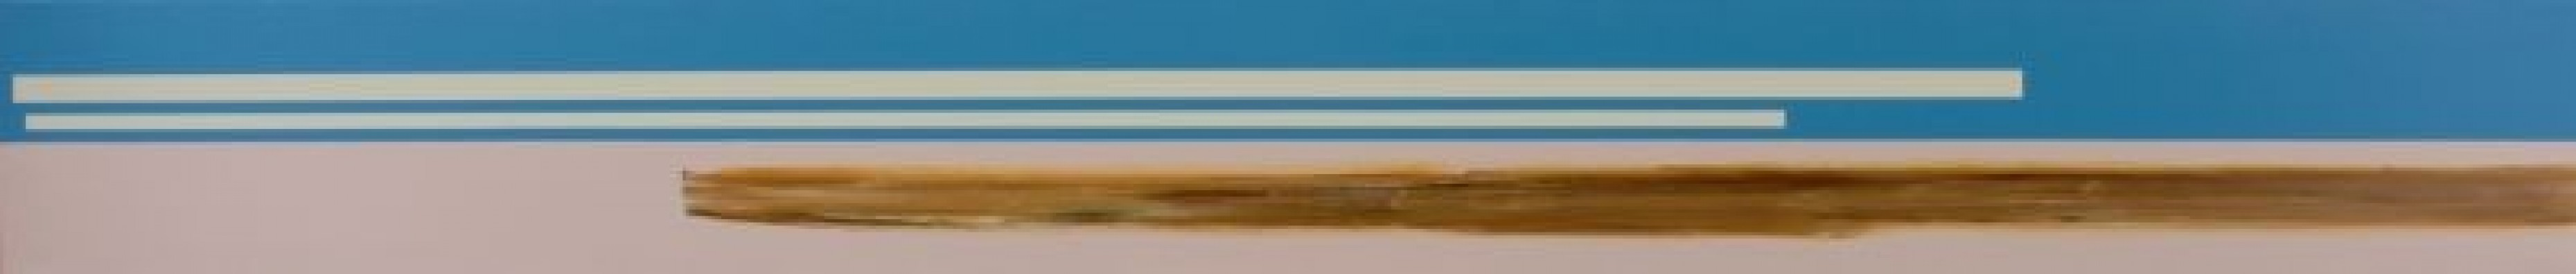 Blauw/Bruin (2nd Version)